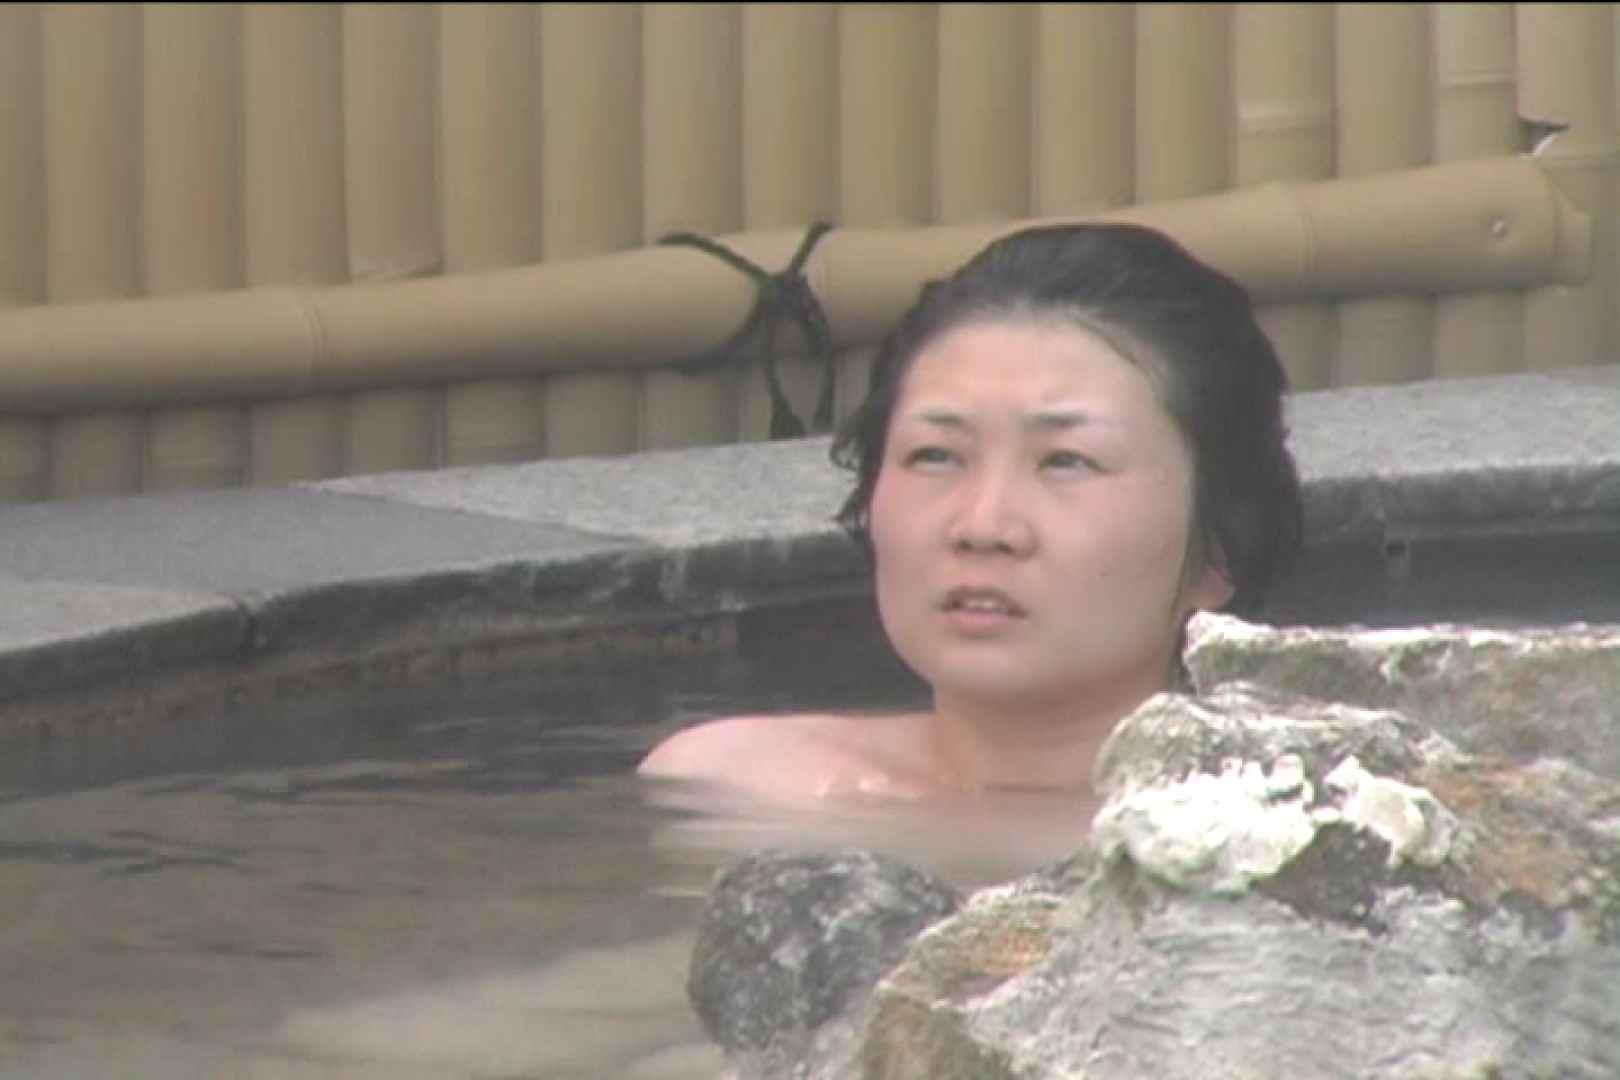 Aquaな露天風呂Vol.531 盗撮 | 綺麗なOLたち  76枚 49